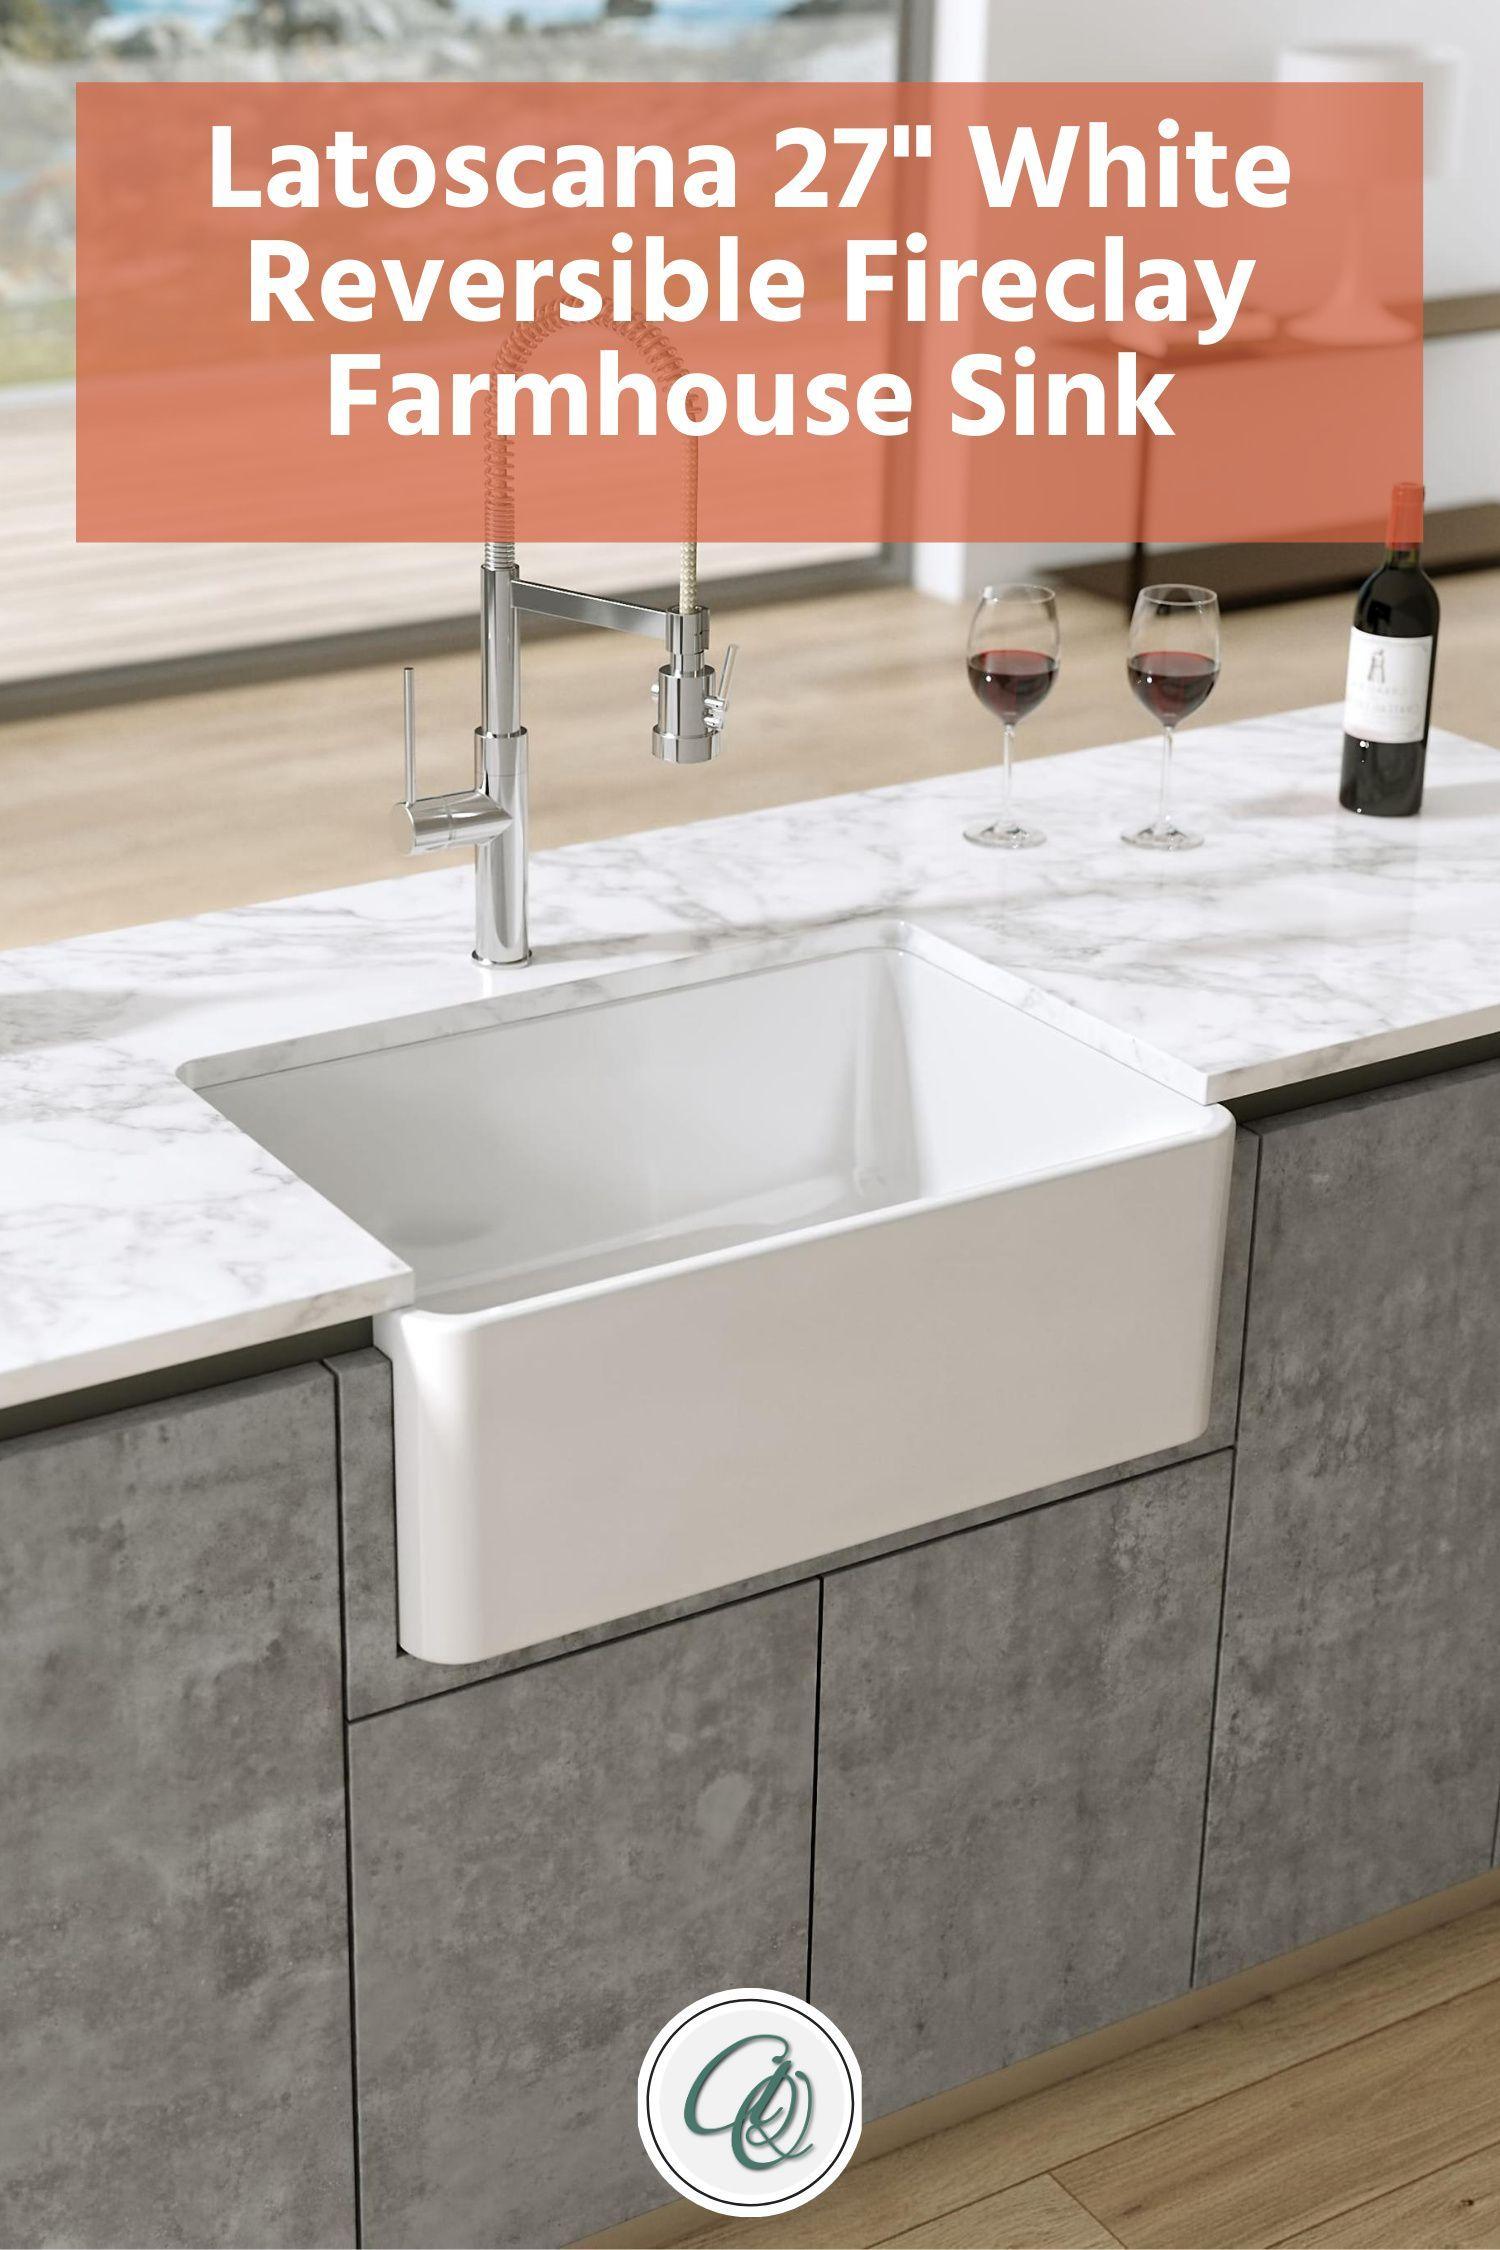 Latoscana Ltw2718w 27 White Fireclay Farmhouse Sink With Reversible Design Fireclay Farmhouse Sink Farmhouse Sink Sink